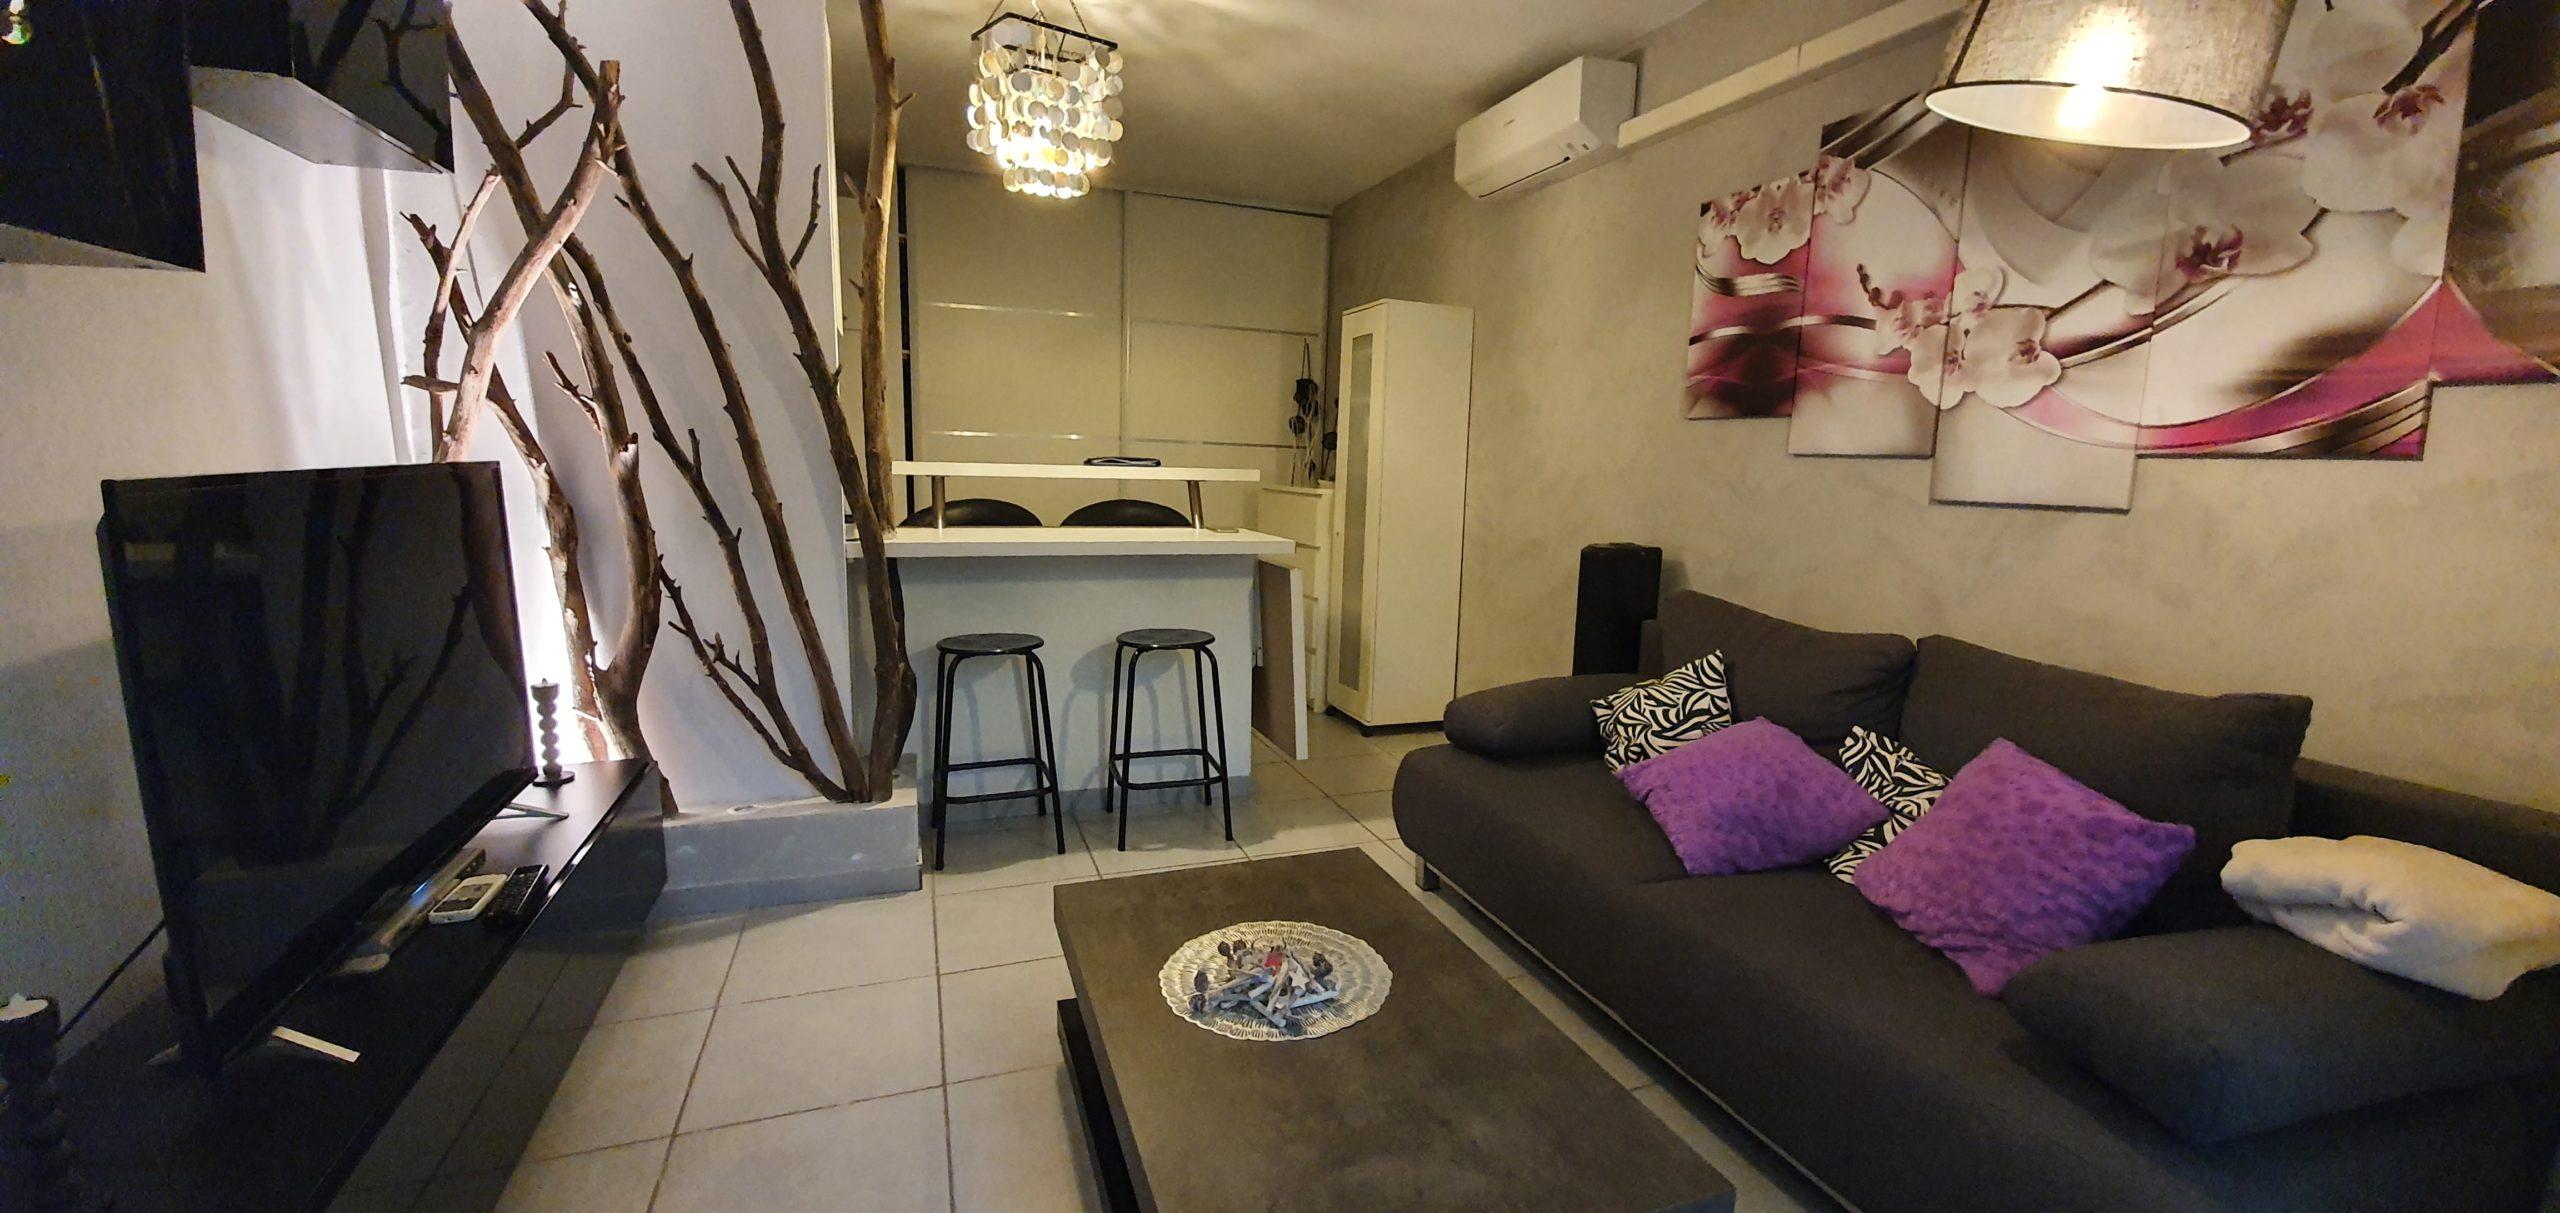 Vitrolles magnifique appartement type 1/2 de 33.03 m2 loi carrez + balcon dans une copropriété calme et sécurisée possibilité en sus d'un parking fermé sous sol